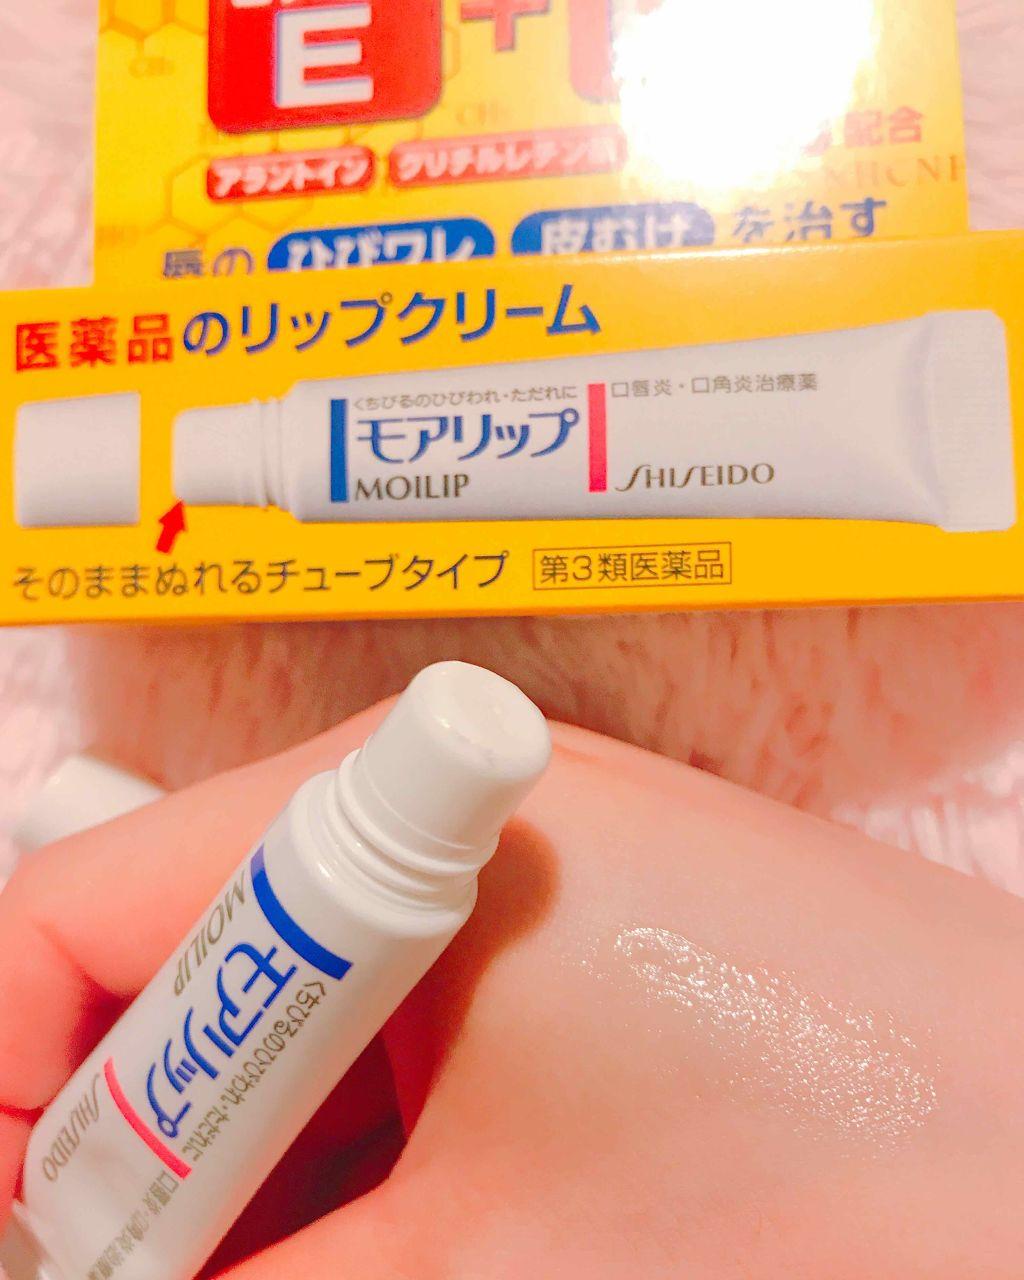 日本SHISEIDO資生堂MOILIP藥用潤唇膏(第3類醫藥品)